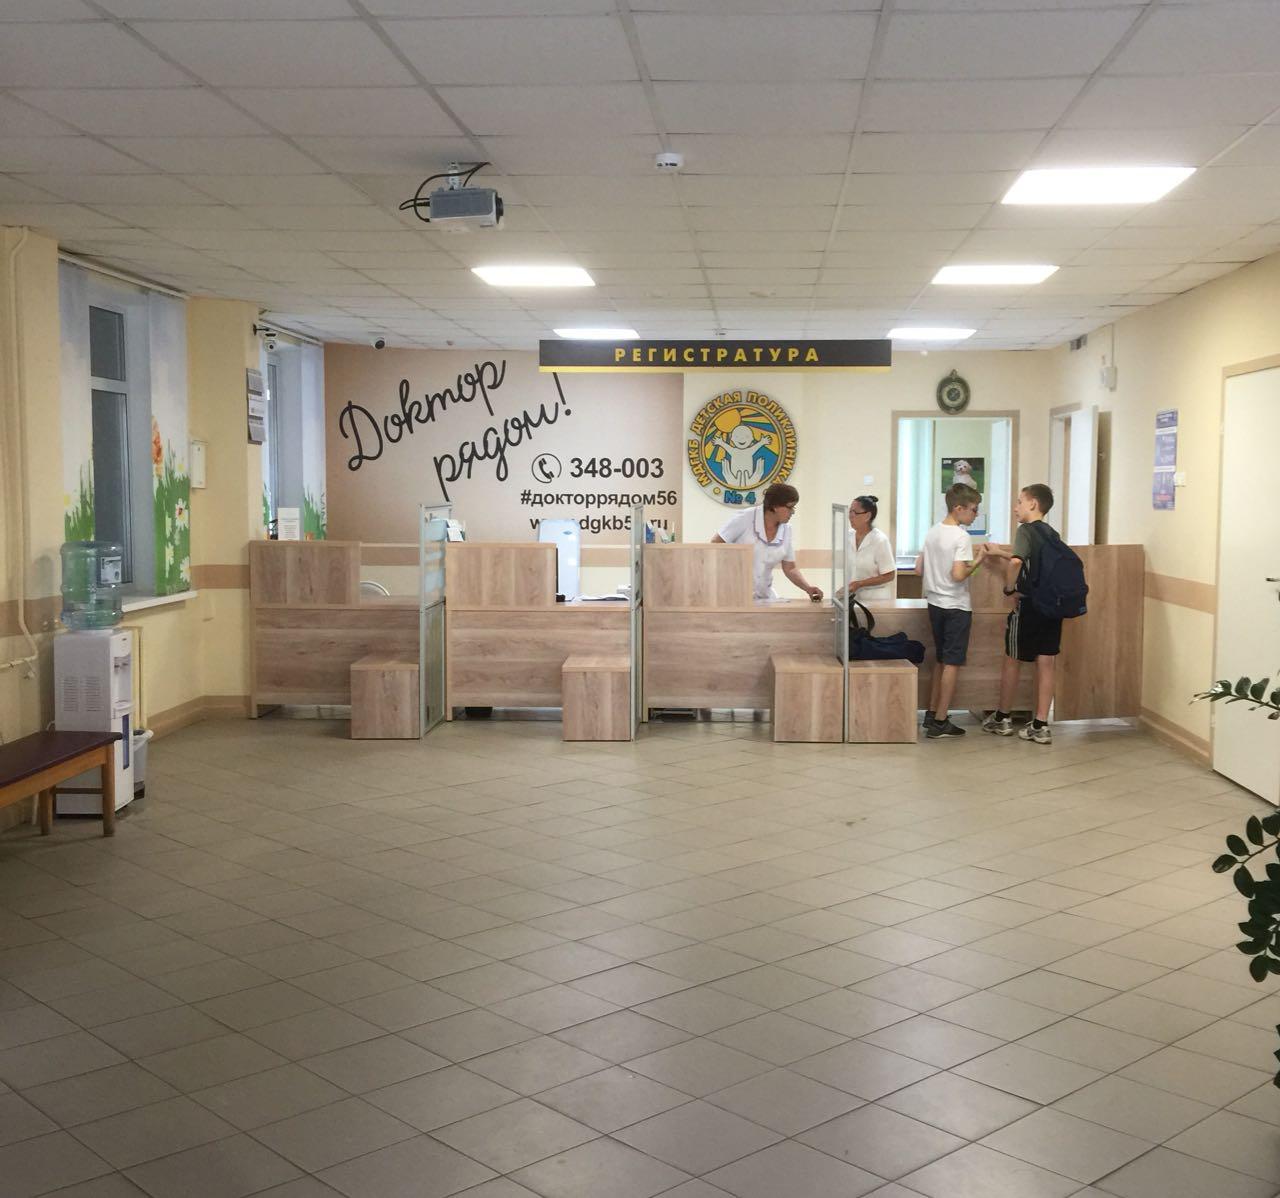 Образцовая поликлиника